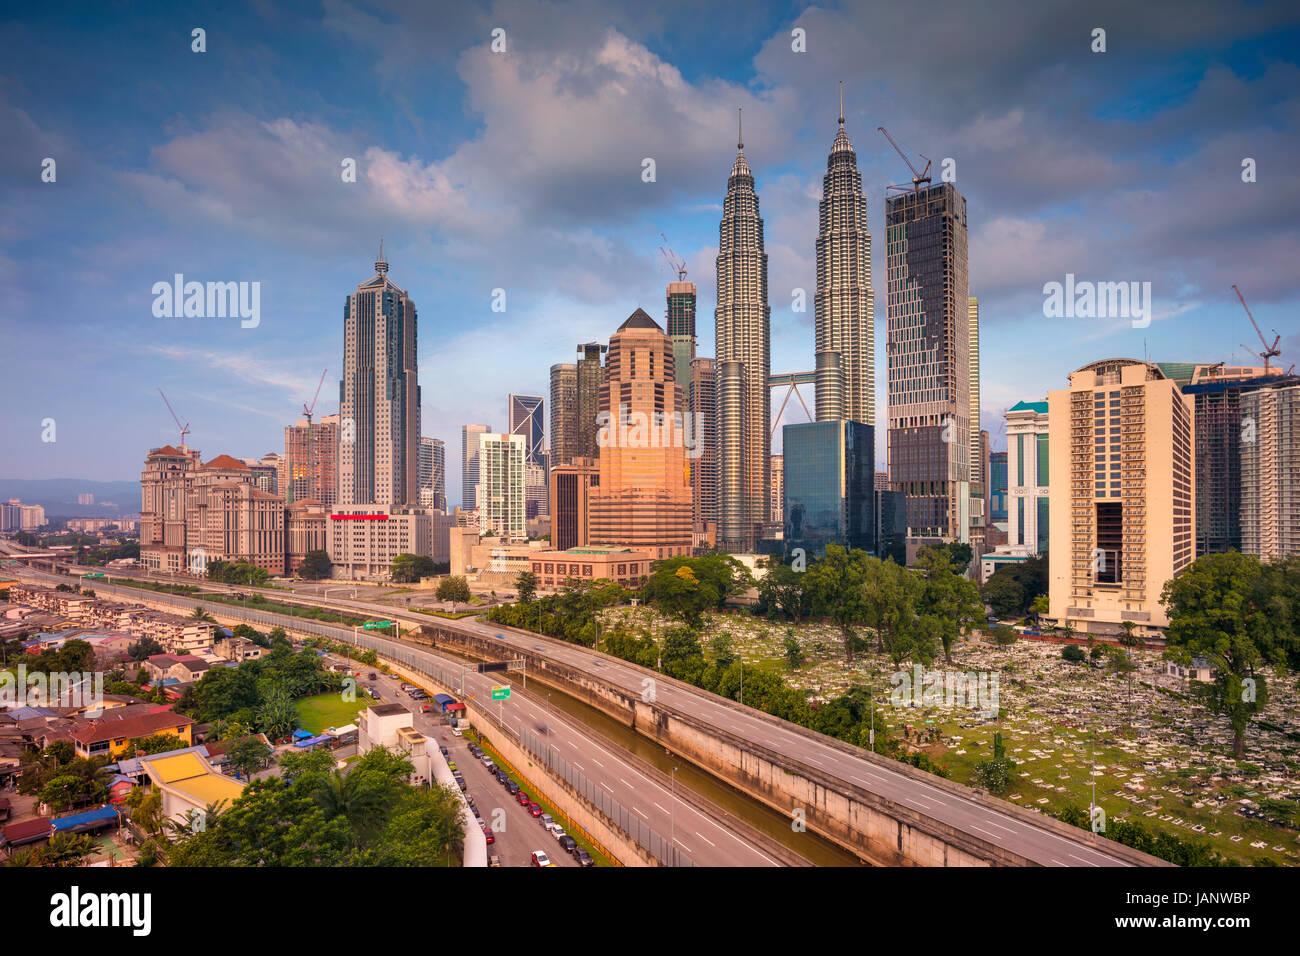 Kuala Lumpur. Cityscape image de Kuala Lumpur, en Malaisie, au cours de la journée. Photo Stock